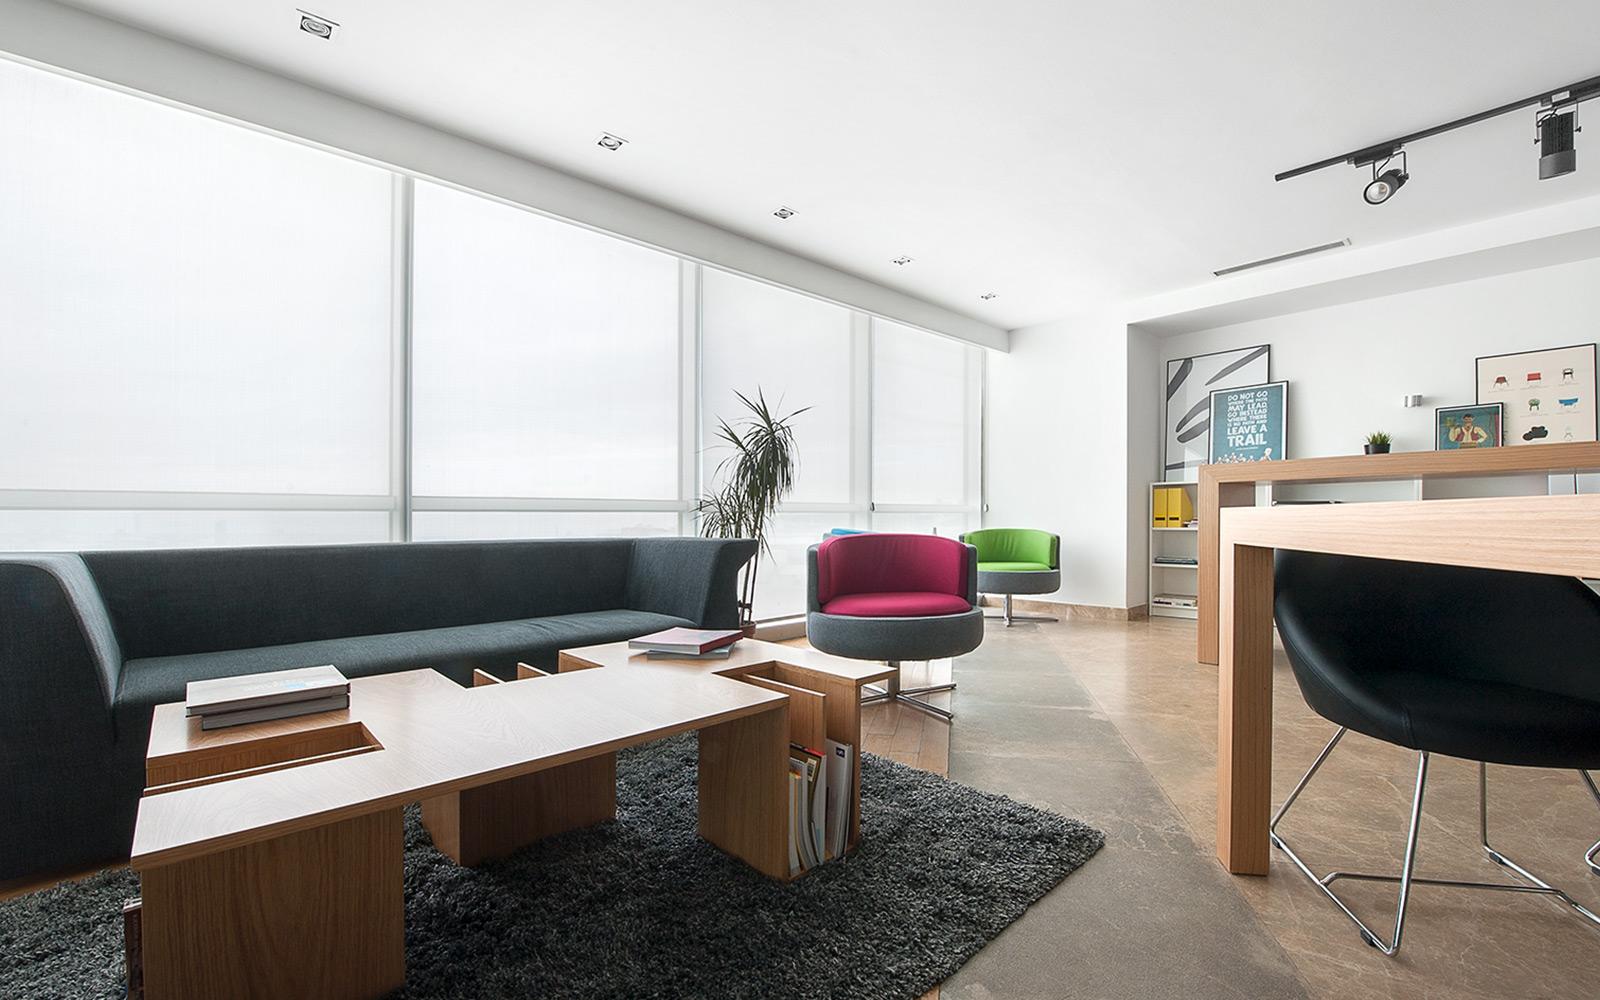 Vogue Design - Vogue Office at Skyport Residence7